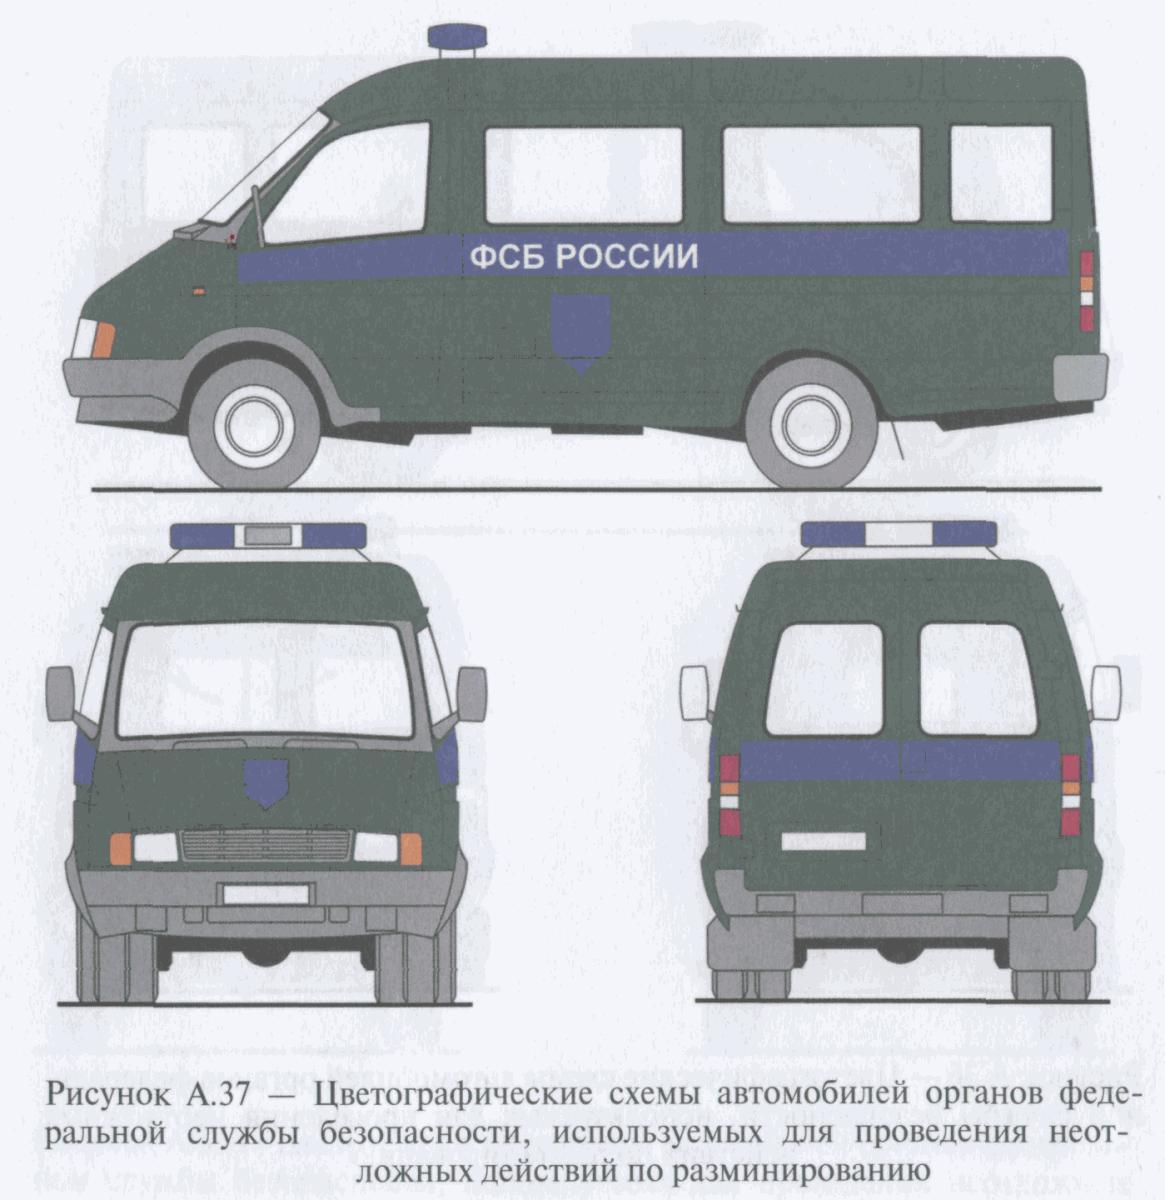 РИСУНОК A.37 (К ИЗМЕНЕНИЮ N 2 ГОСТ Р 50574-2002)